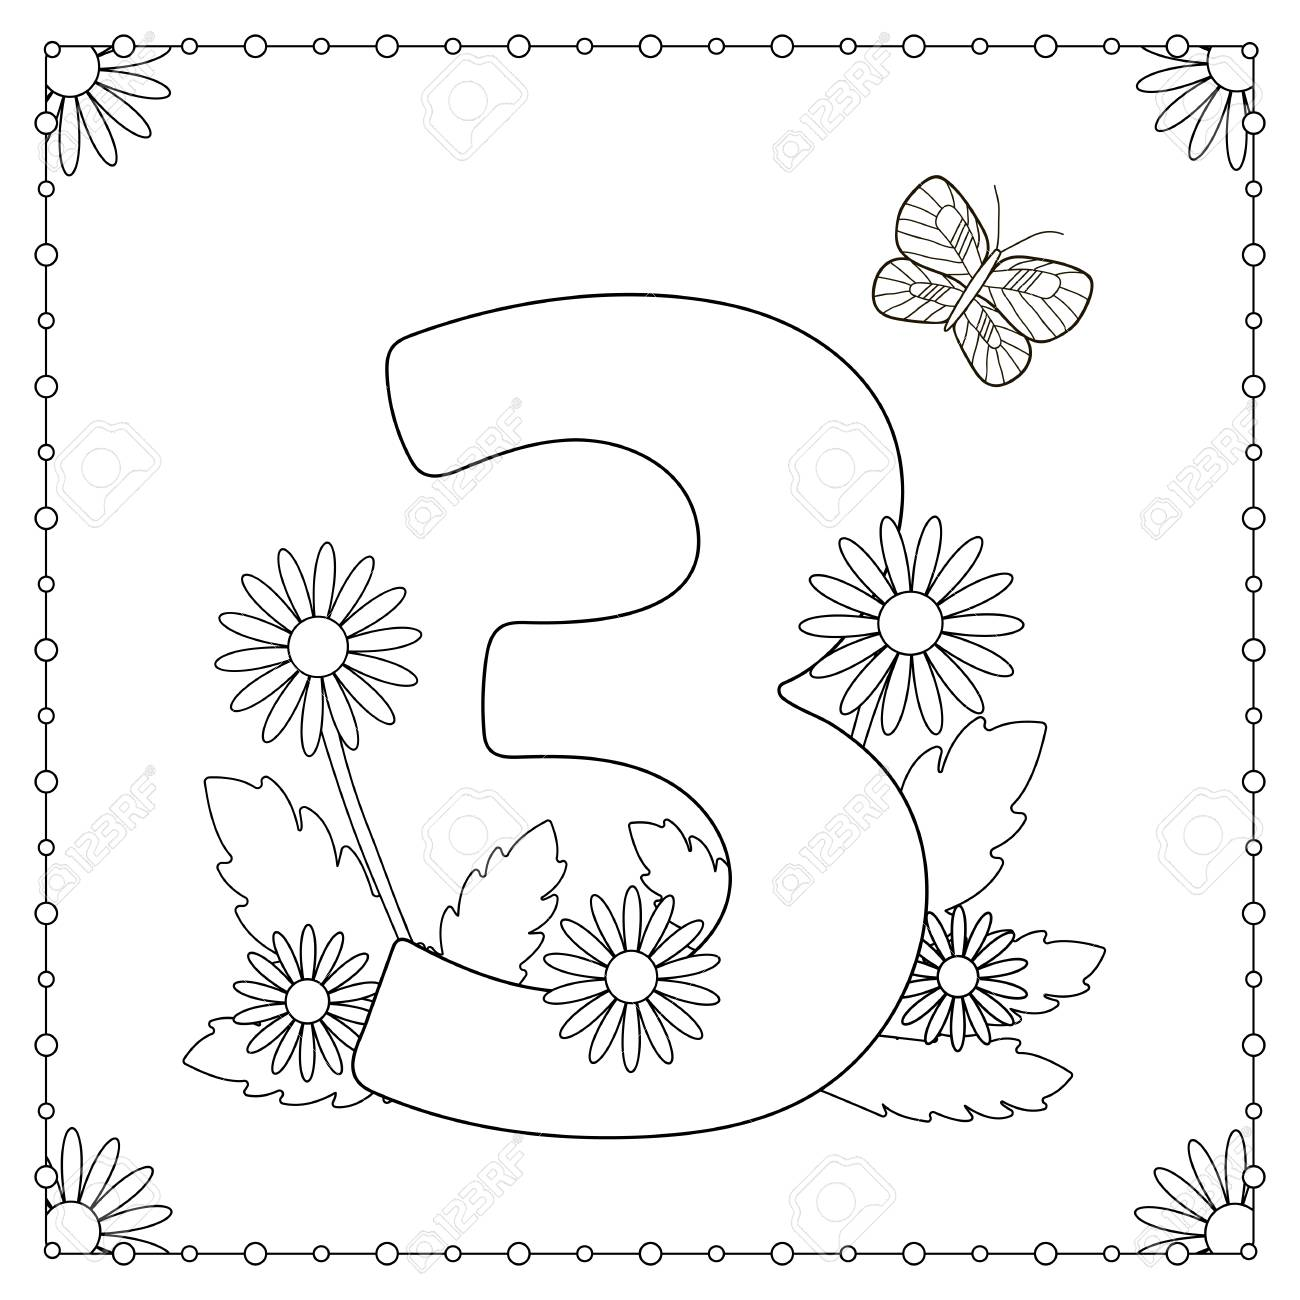 Ziffer Drei Mit Blumen Blätter Und Schmetterling Malvorlage